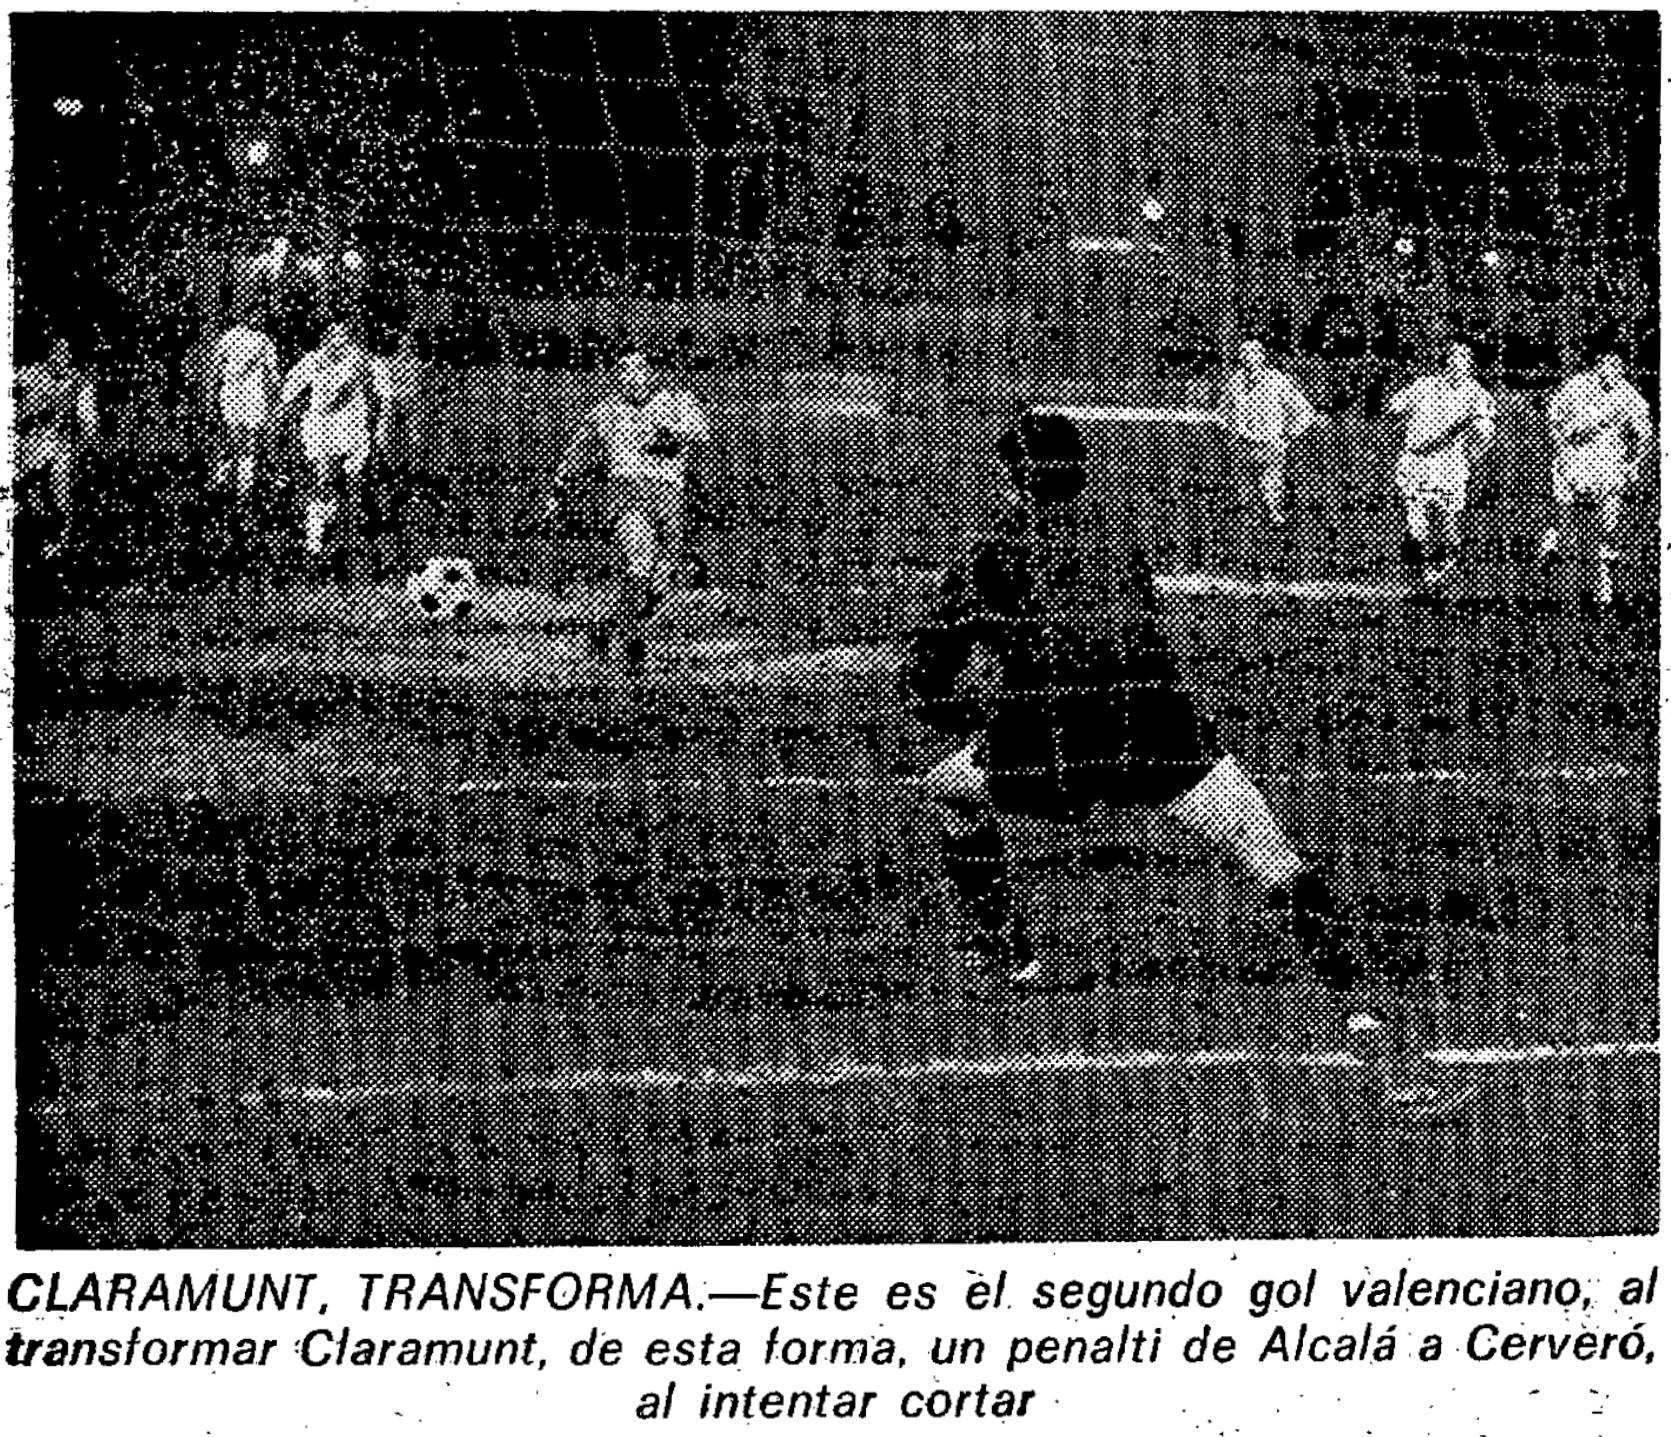 12.02.1975: Rayo Vallecano 3 - 4 Valencia CF